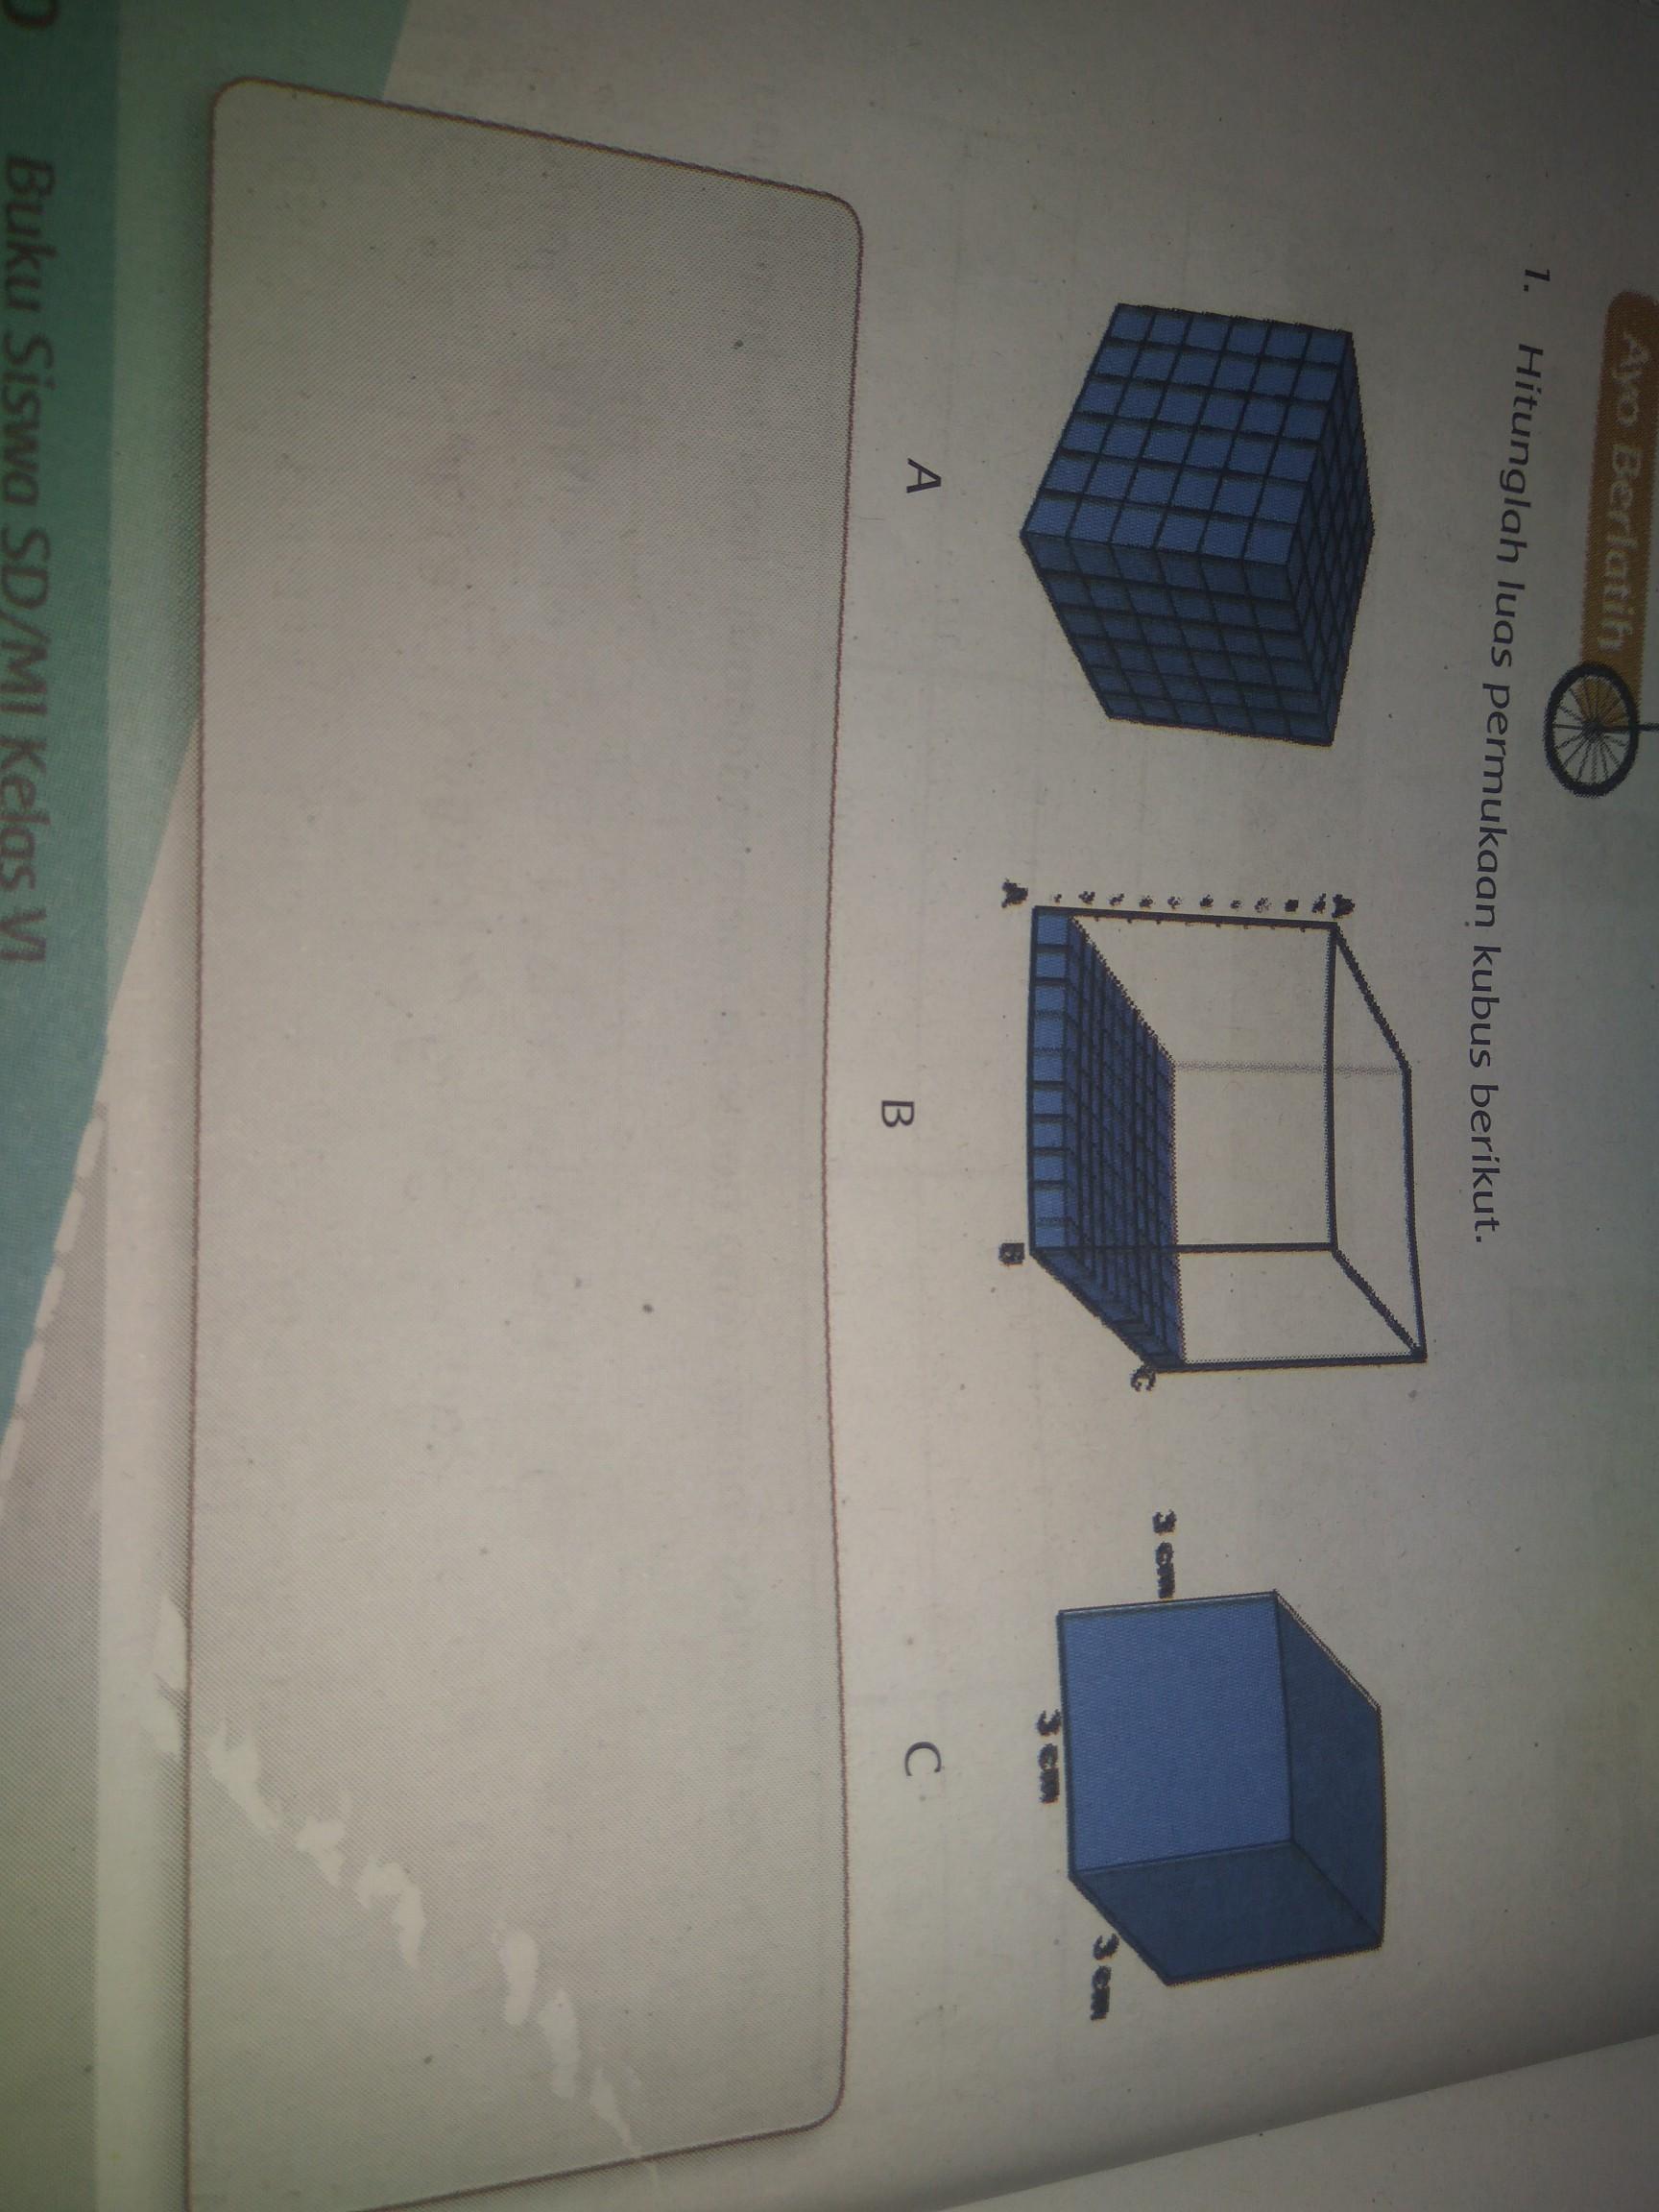 Luas Permukaan Kubus : permukaan, kubus, Hitunglah, Permukaan, Kubus, Berikut., Brainly.co.id